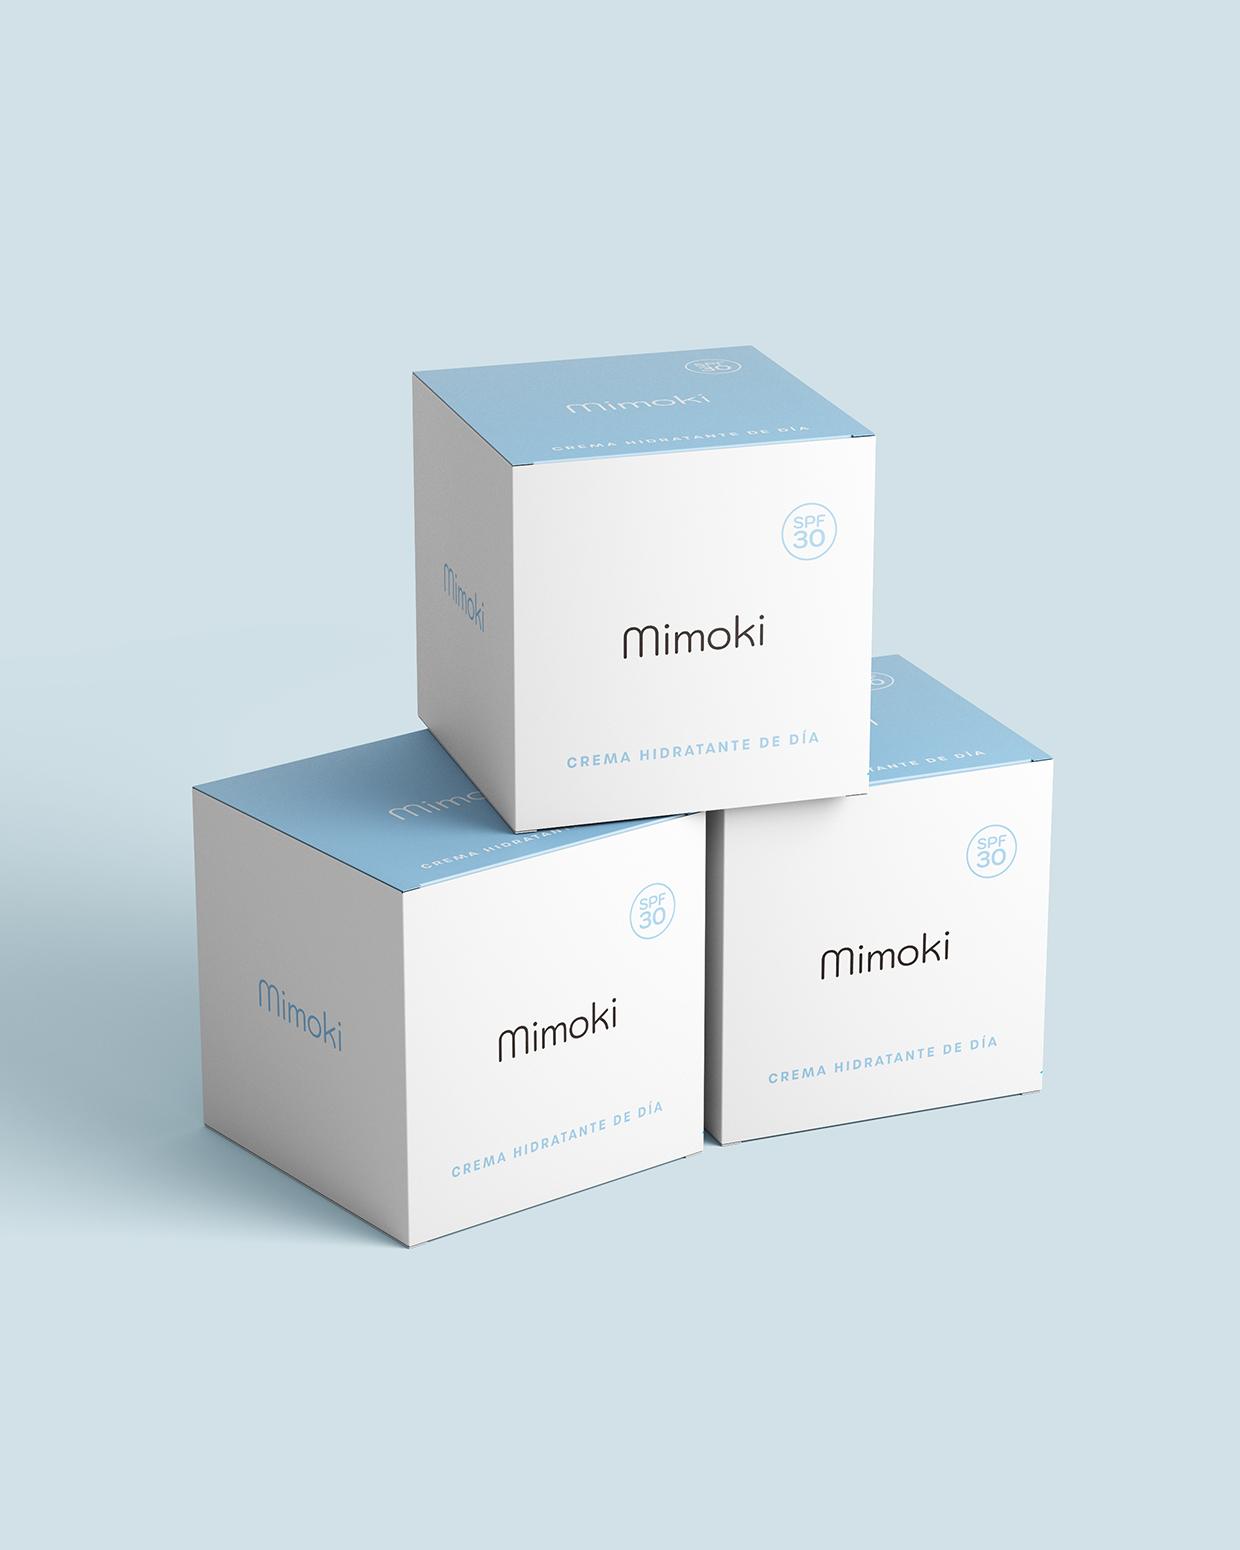 Diseño packaging mimoki